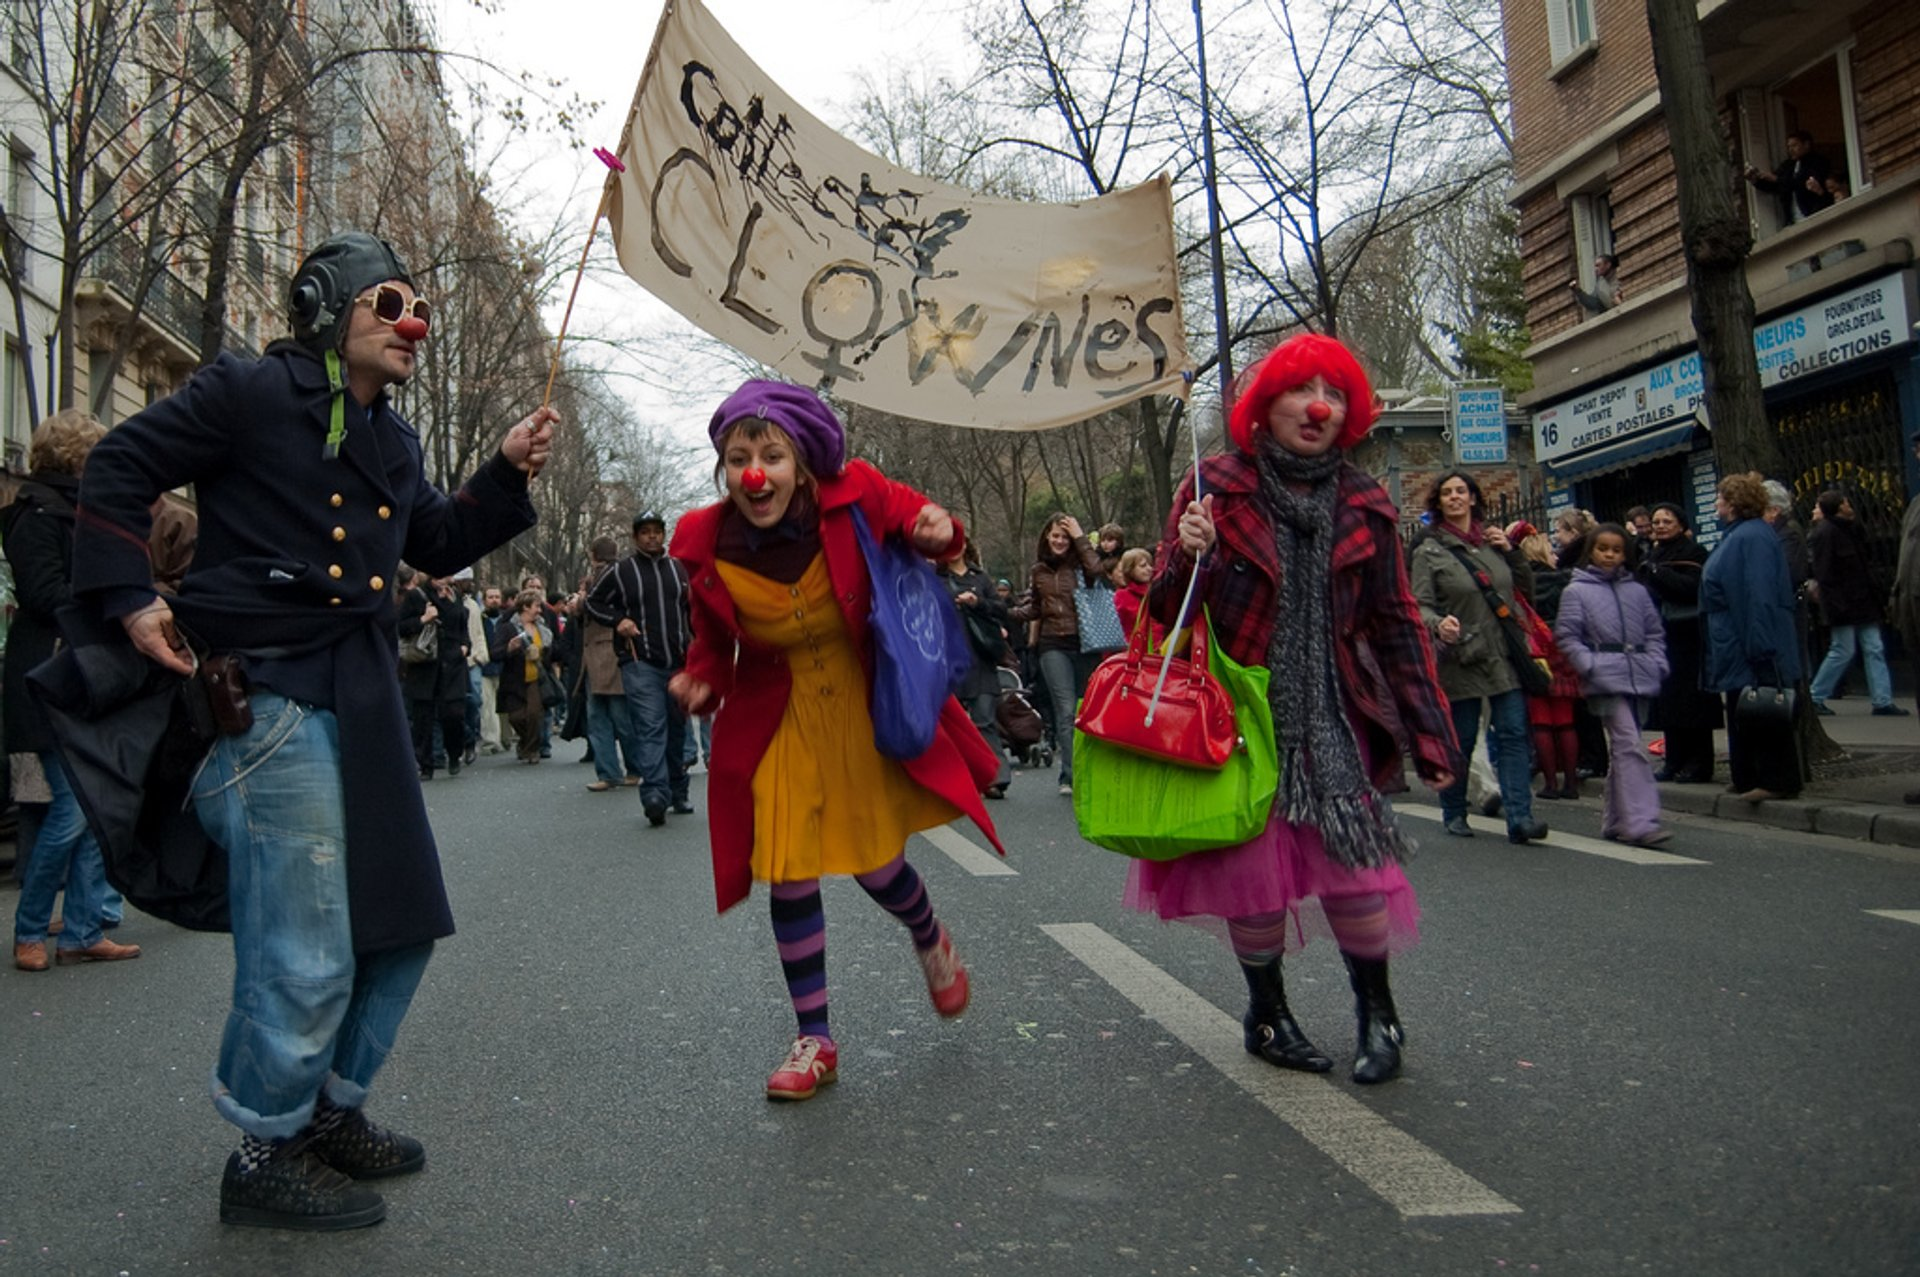 Carnaval de Paris and Carnaval des Femmes in Paris 2019 - Best Time